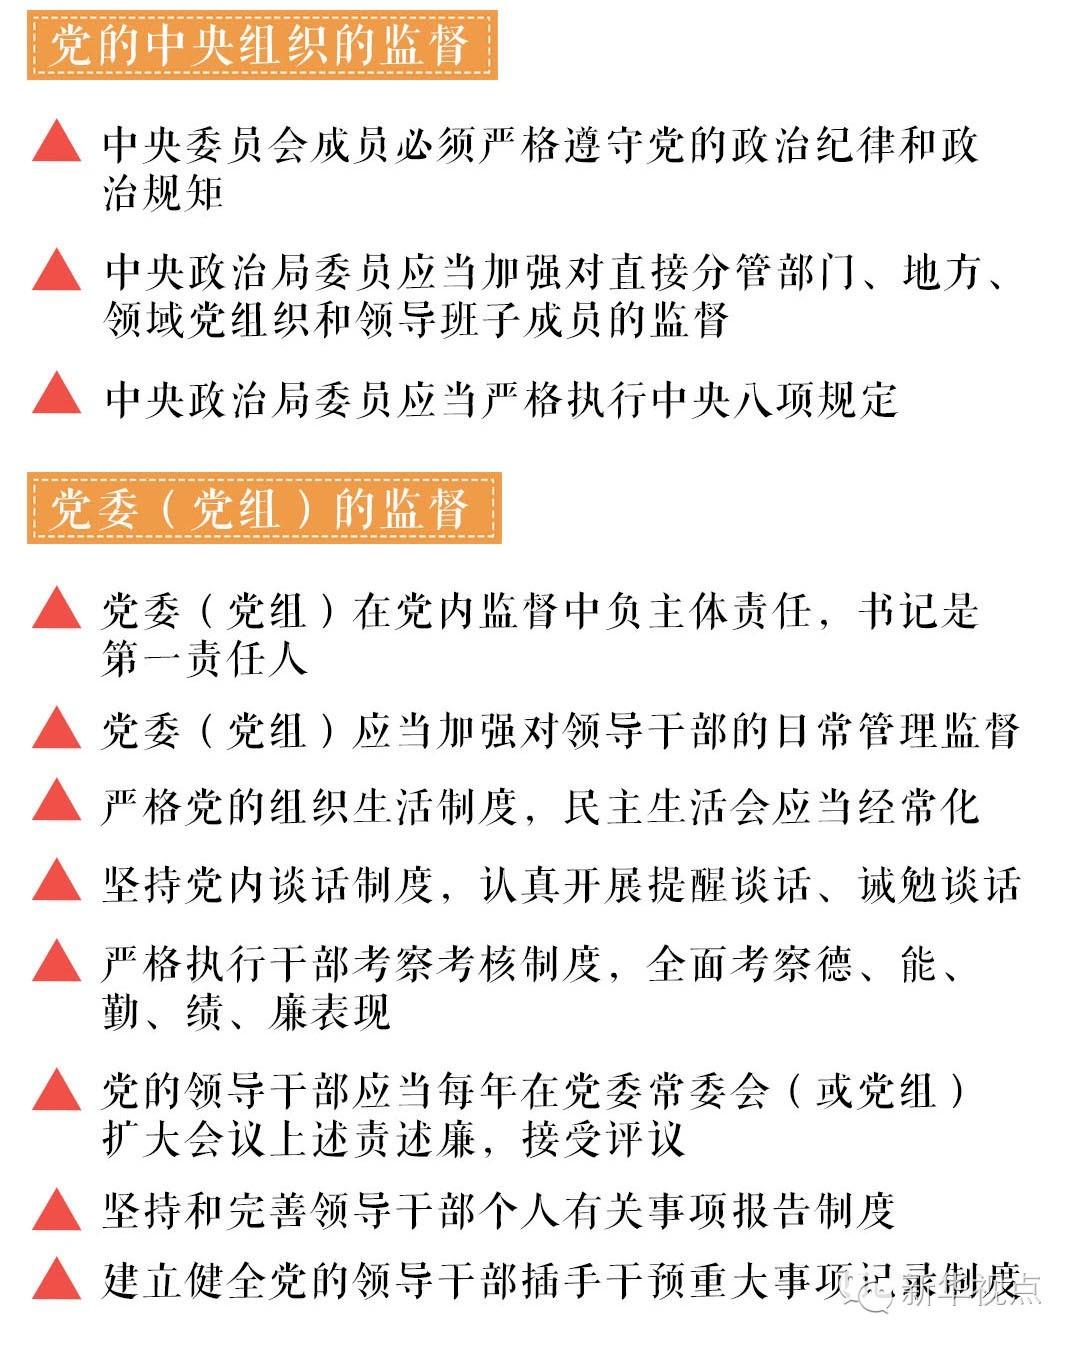 党章是最根本的党内法规_中国方正出版社 中国共产党纪律处分条例 权